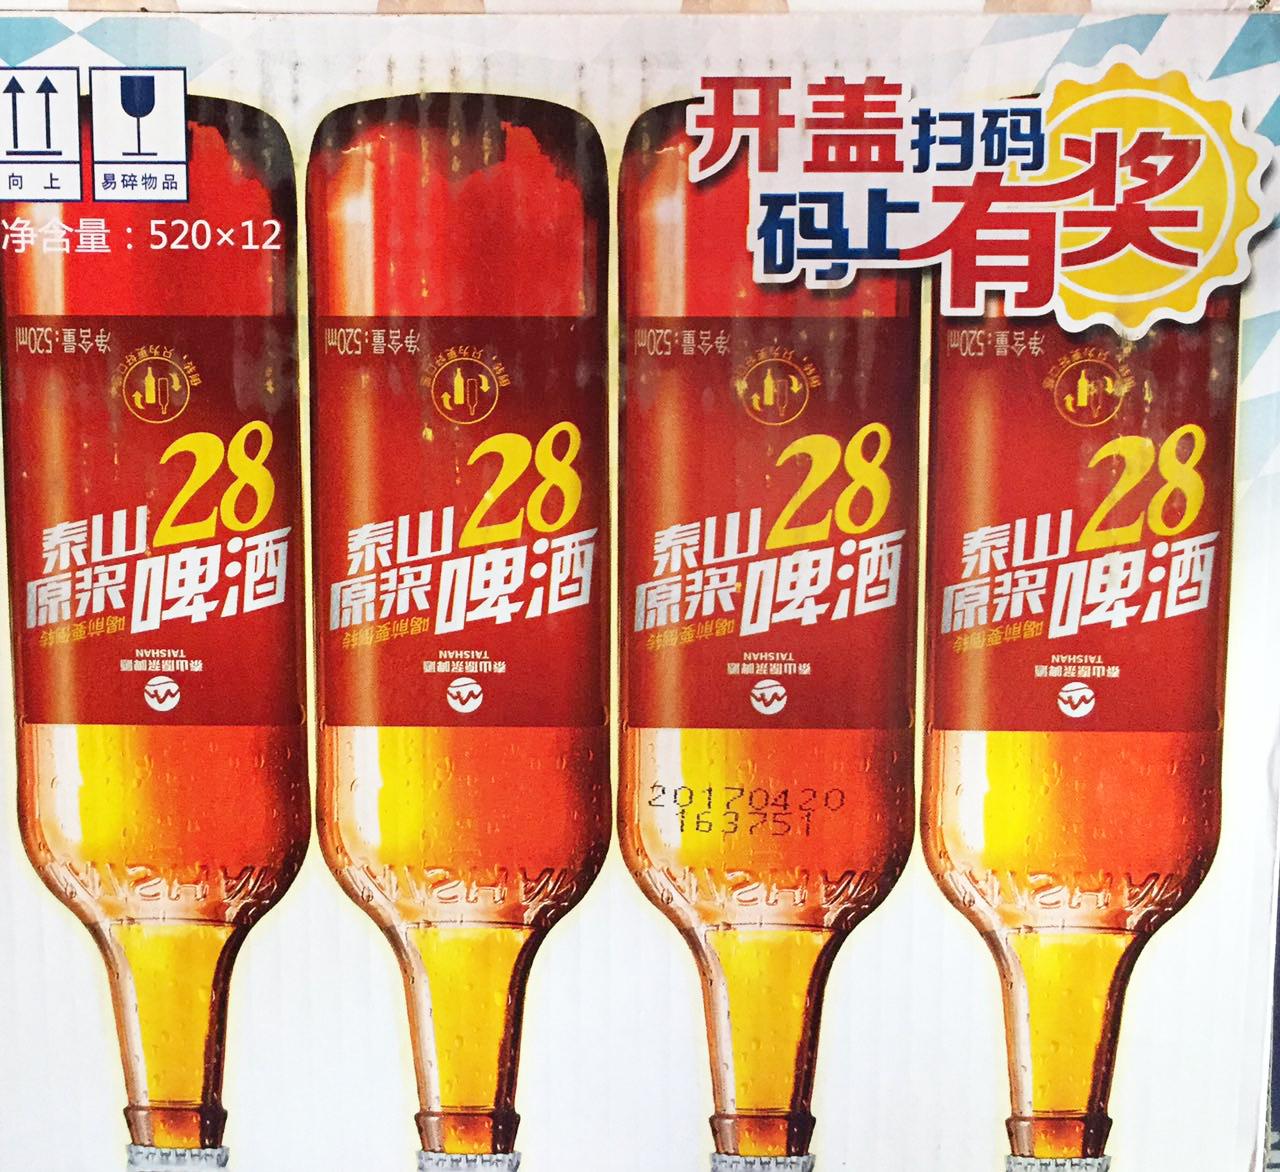 博兴泰山原浆啤酒